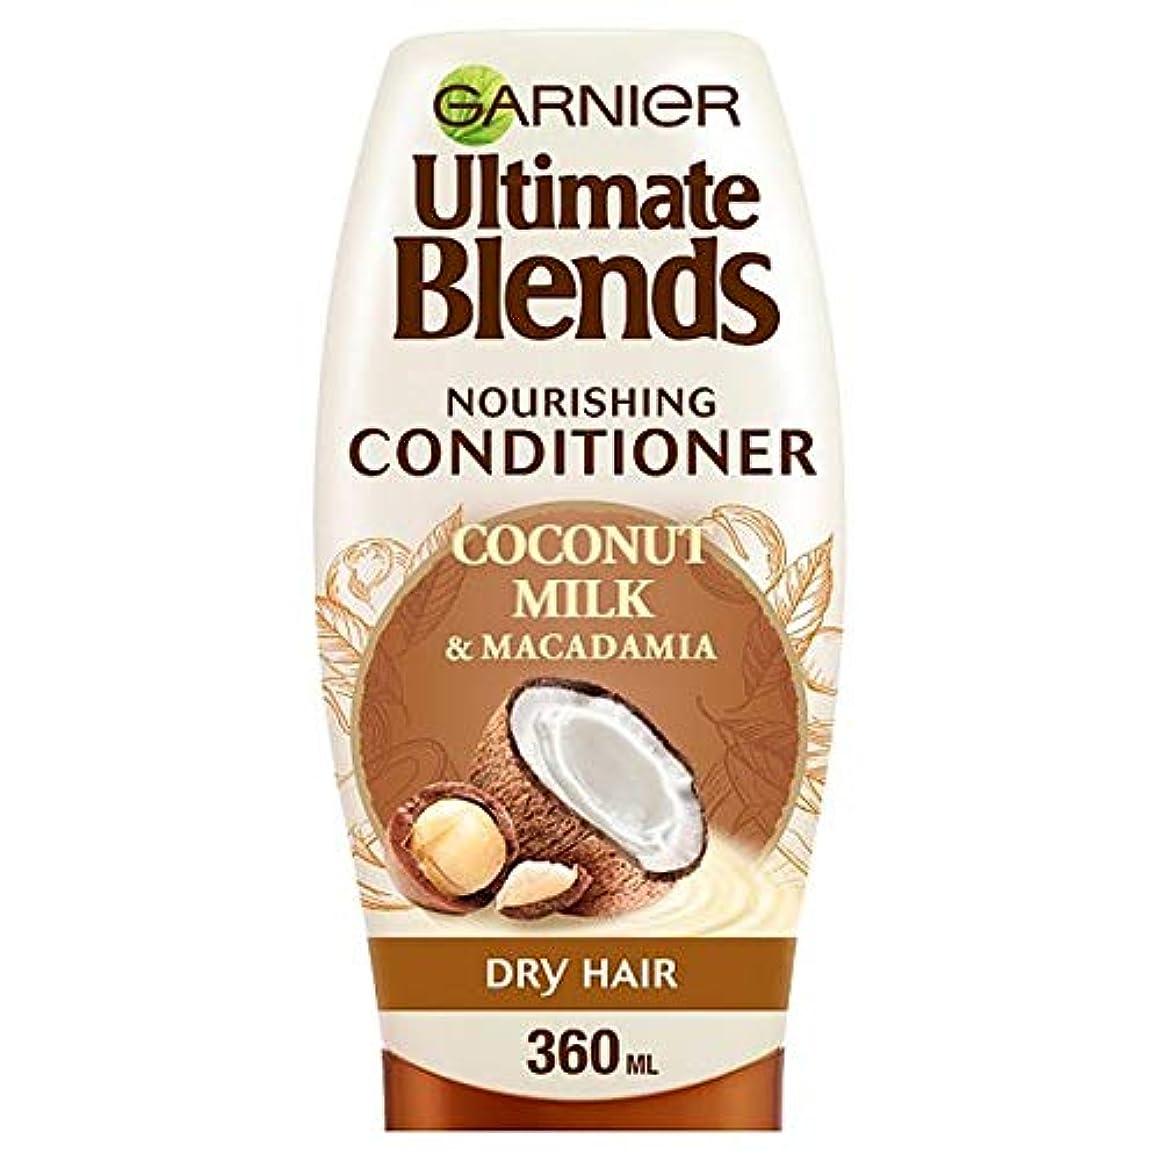 放課後グローバル航空[Garnier] ガルニエ究極のブレンドココナッツミルクコンディショナー乾燥した髪の360ミリリットル - Garnier Ultimate Blends Coconut Milk Conditioner Dry Hair...